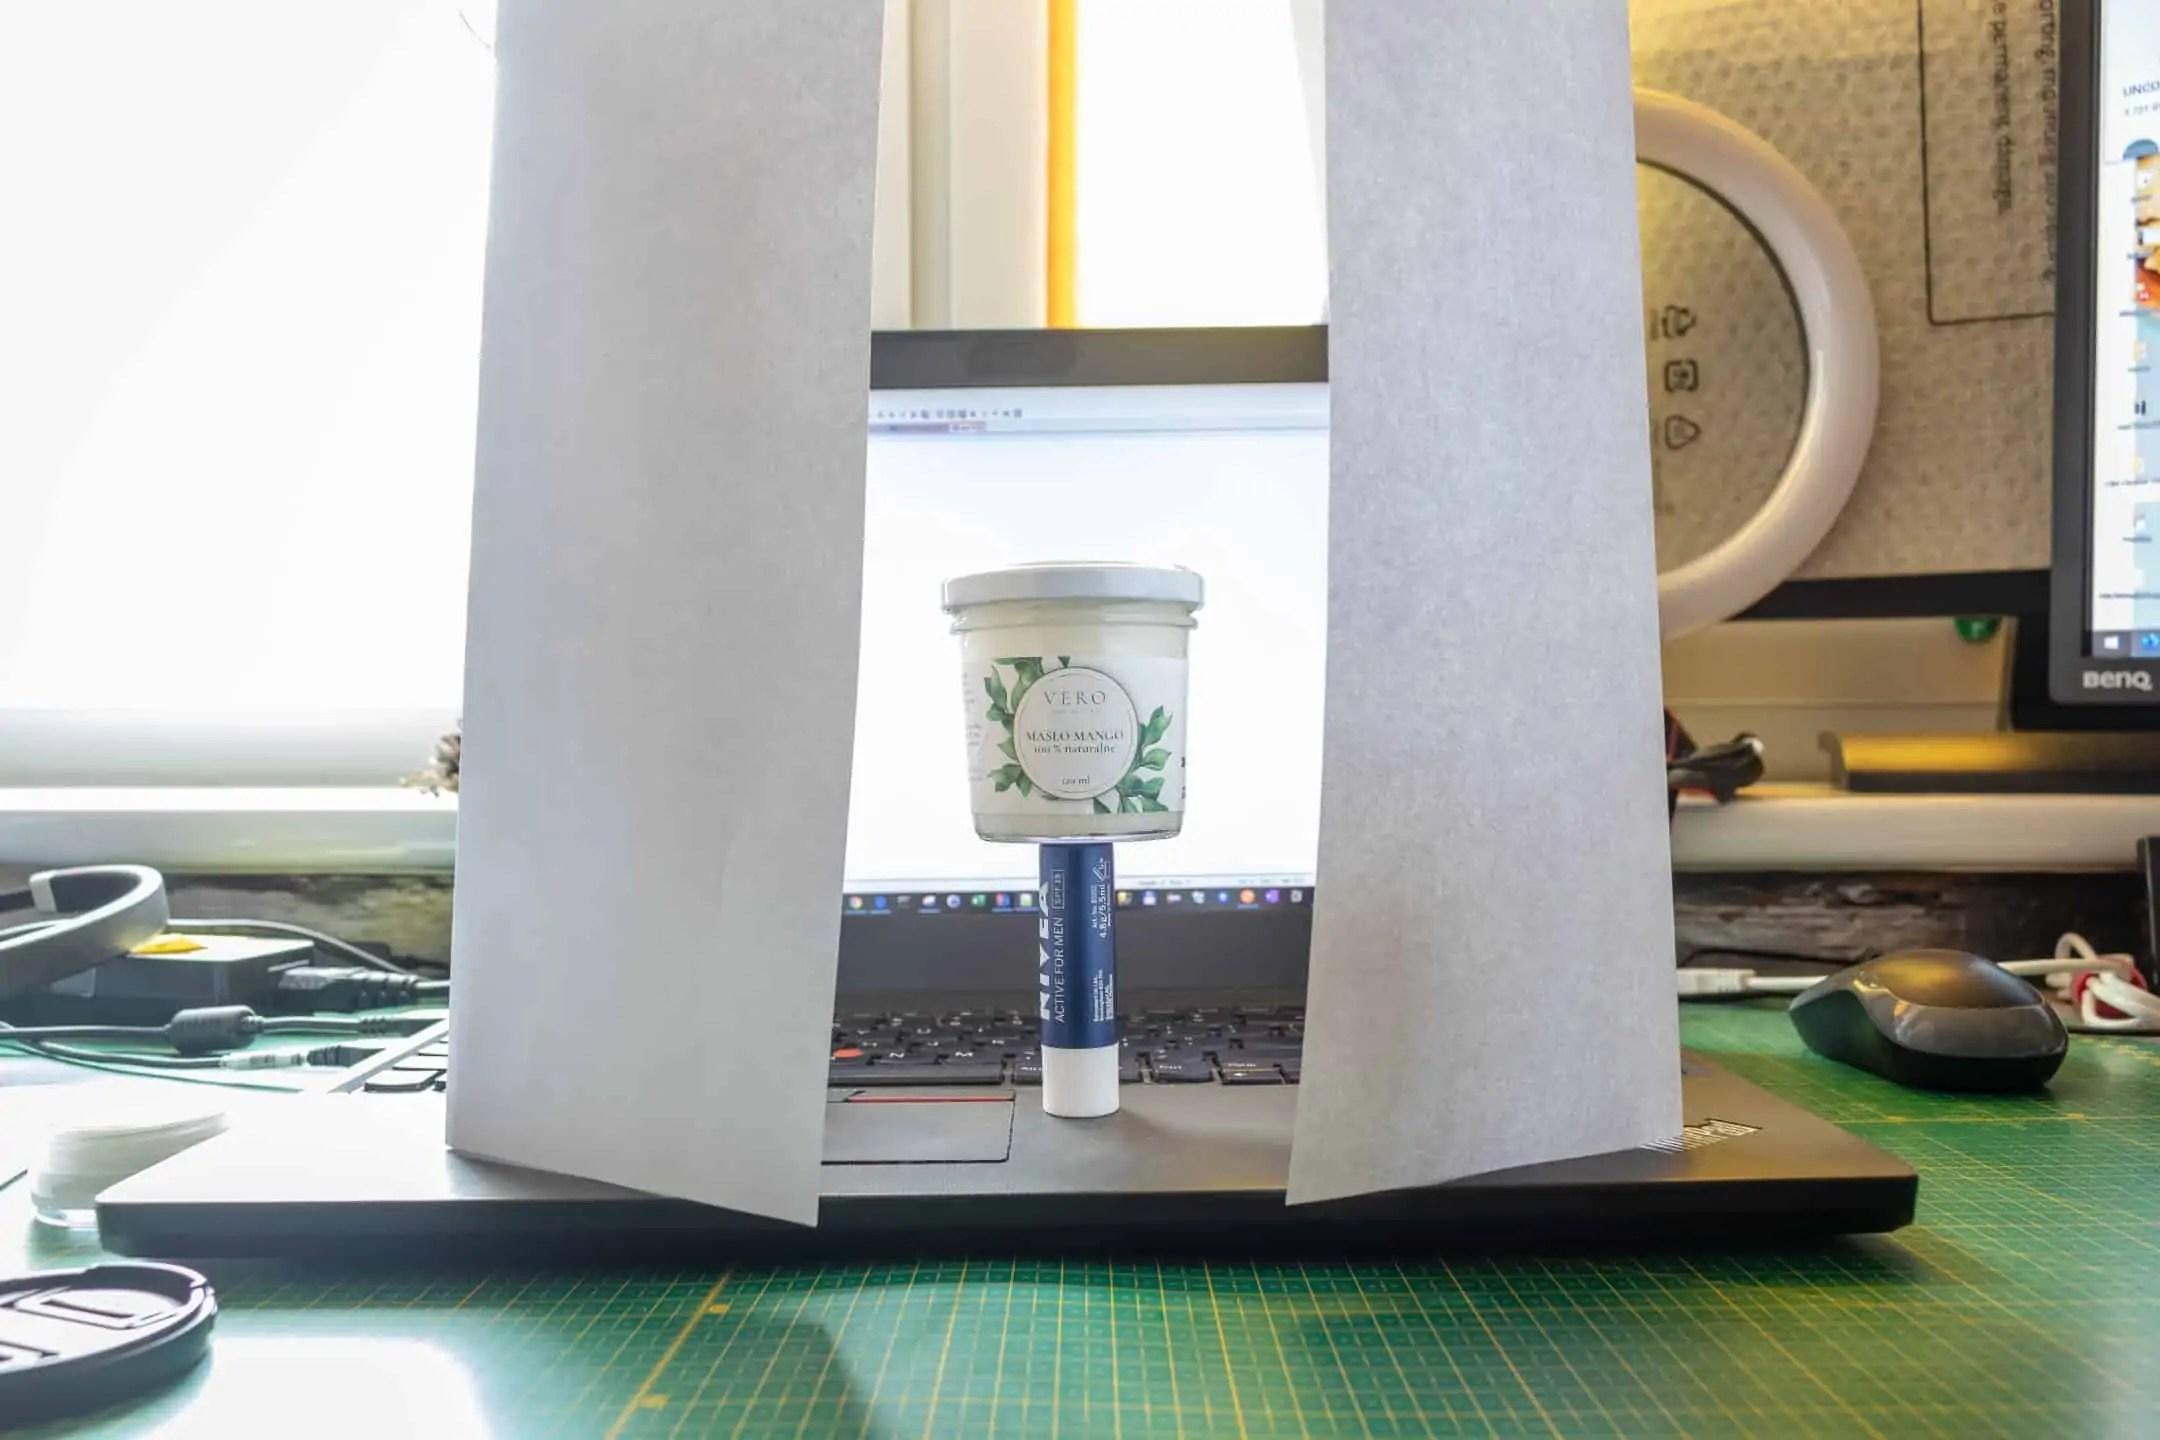 Jak zrobic jasne tlo do zdjec z laptopa - Jasna fotografia produktowa typu high key 7 kroków